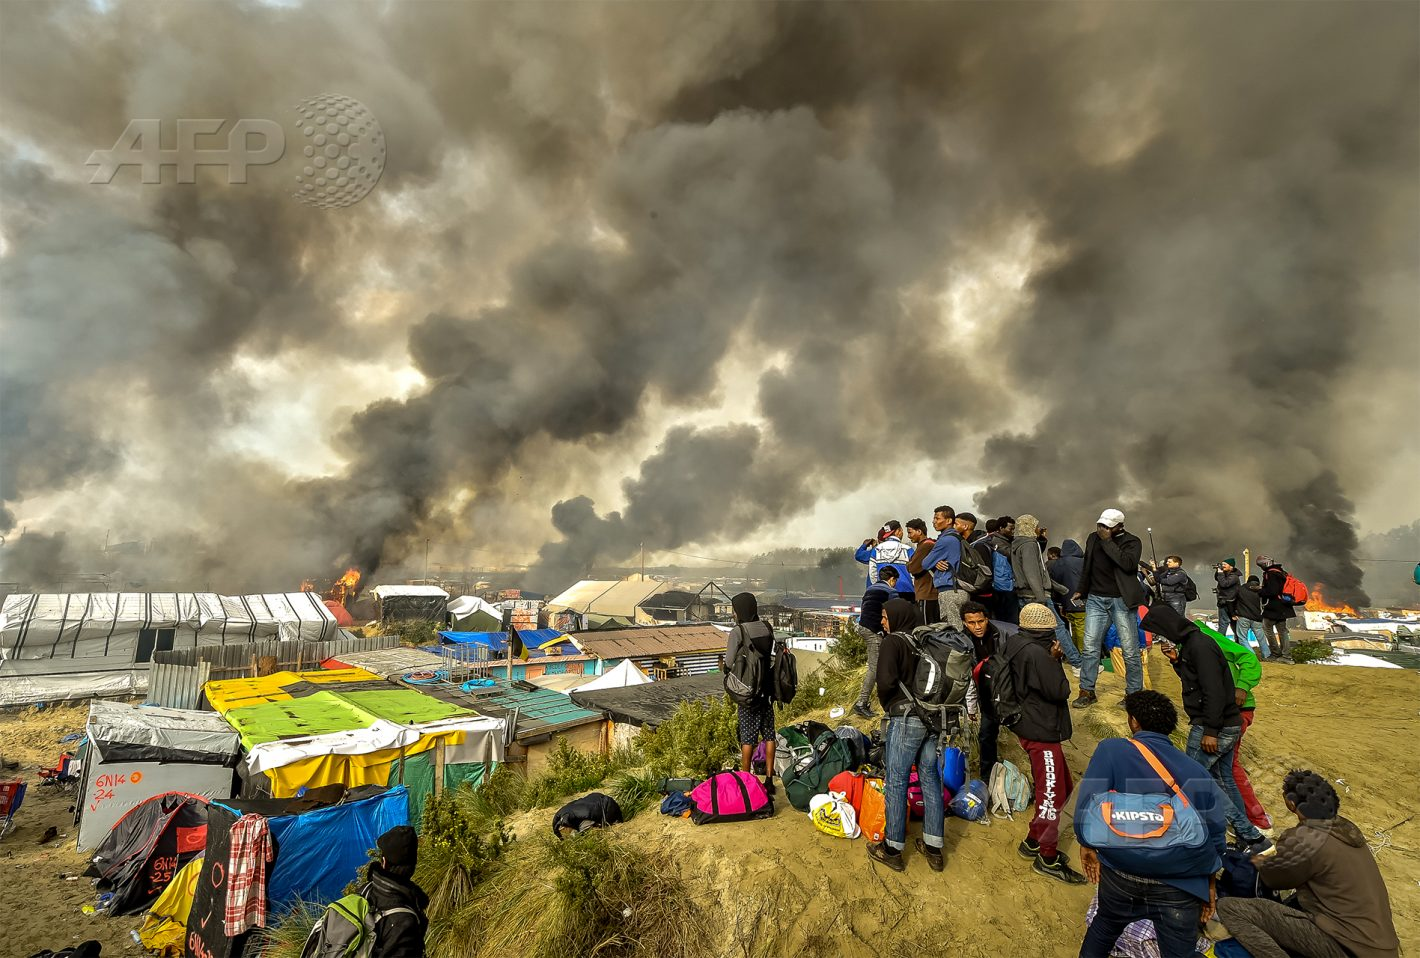 AFP 16 / FRANCE 26 octobre 2016 - Calais, France - Des migrants observent de multiples incendies volontaires dans la « Jungle » de Calais qui se sont déclarés dans la nuit, mobilisant pompiers et forces de l'ordre, au troisième jour de l'opération d'évacuation de migrants. AFP / PHILIPPE HUGUEN